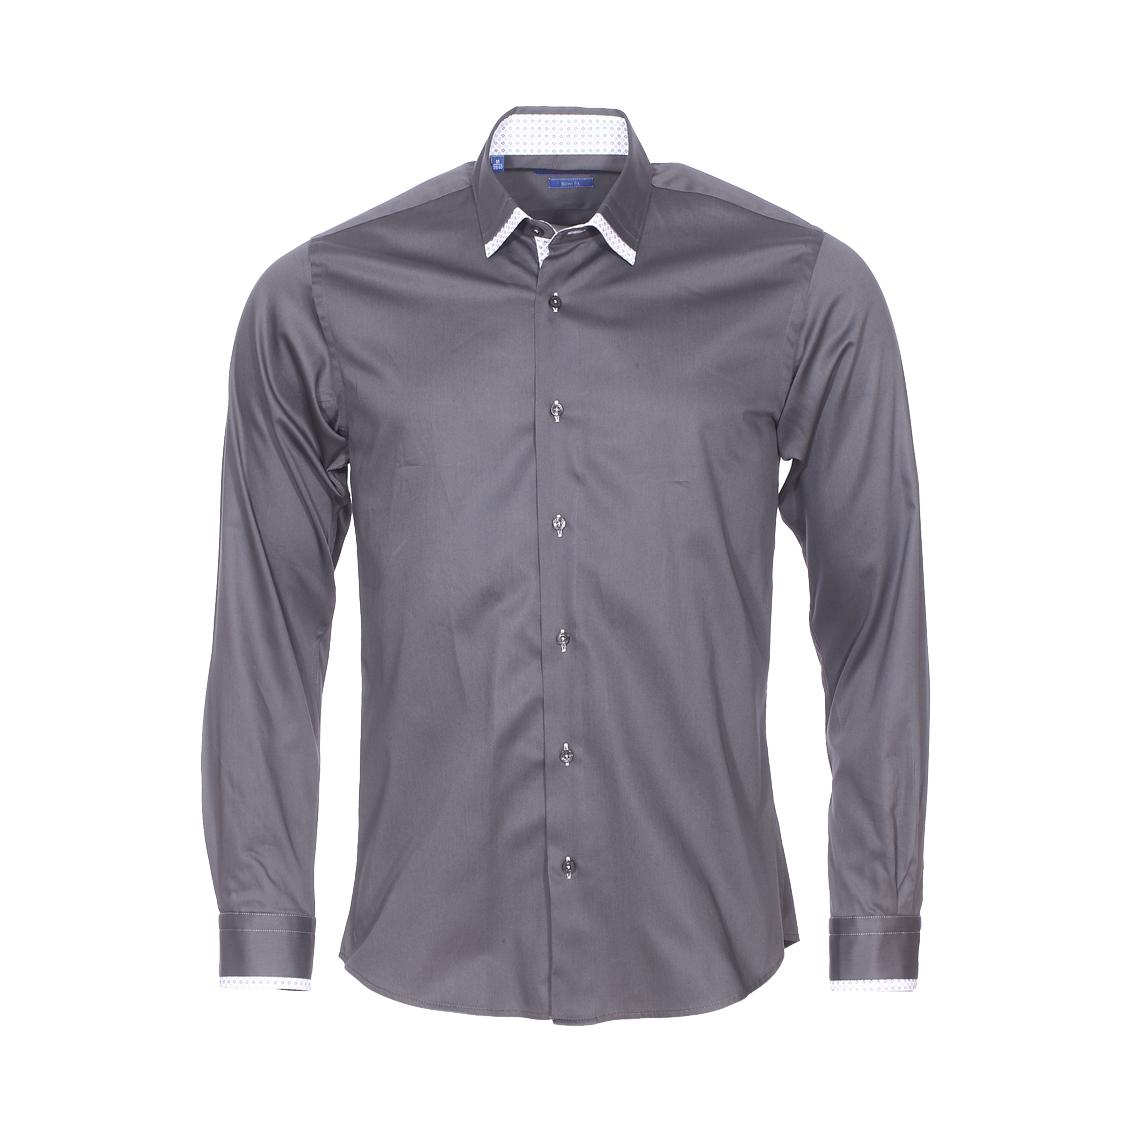 Chemise cintrée  en coton gris anthracite, col à opposition blanche à motifs fleurs